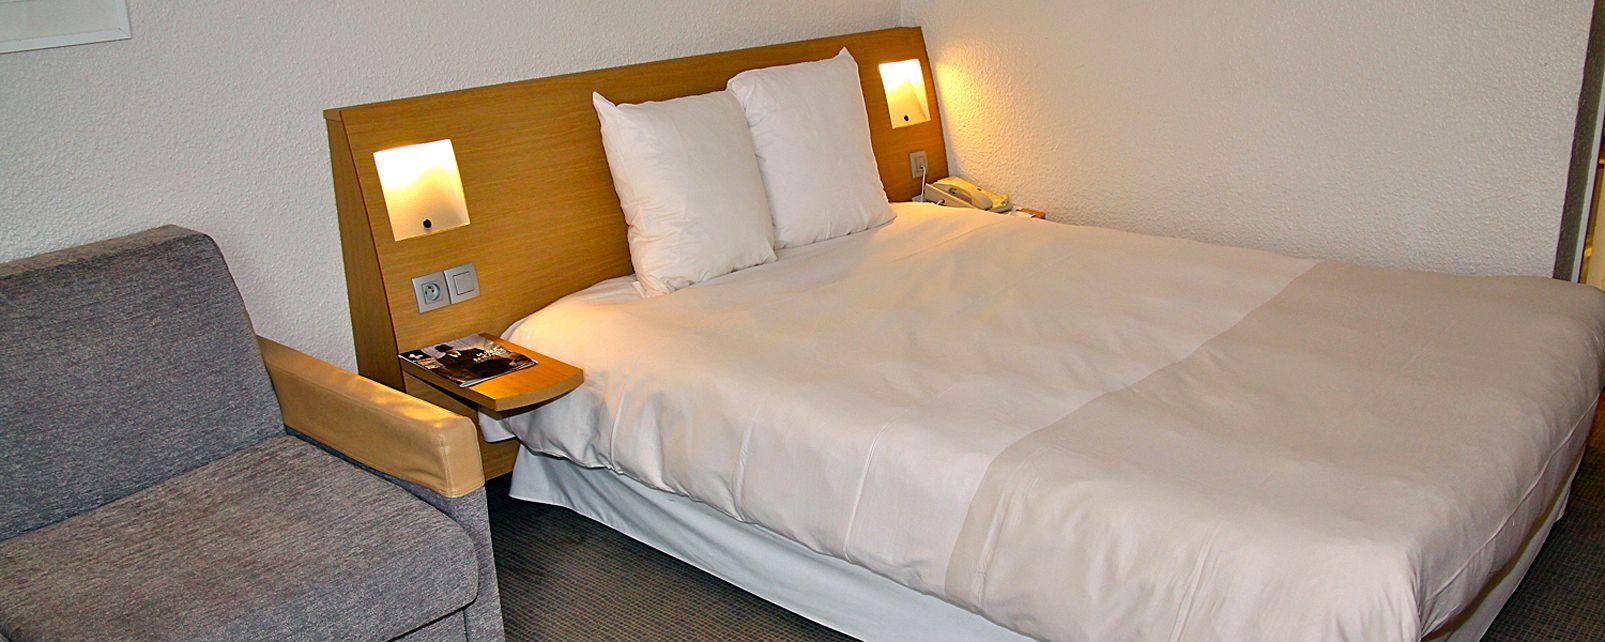 Hotel Novotel Paris Est